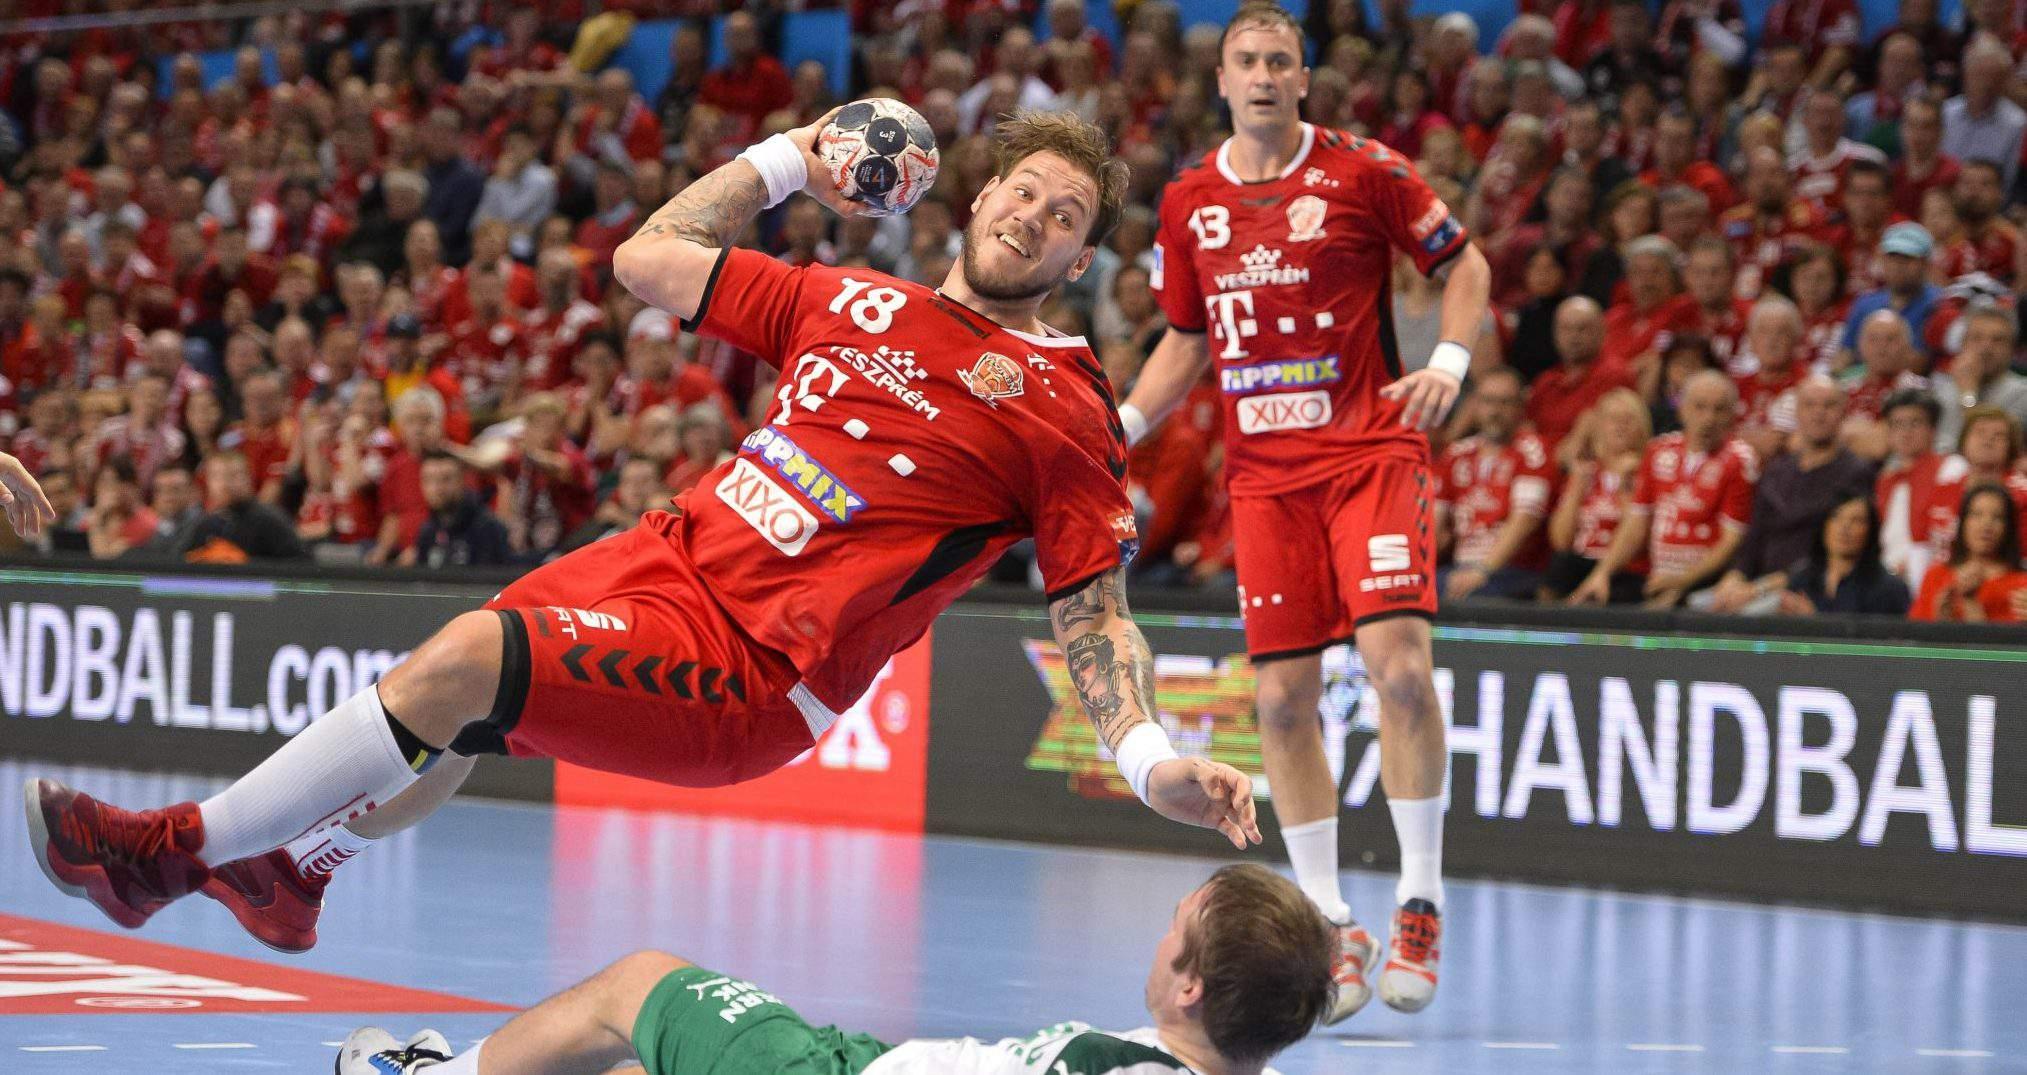 veszprém handball team match